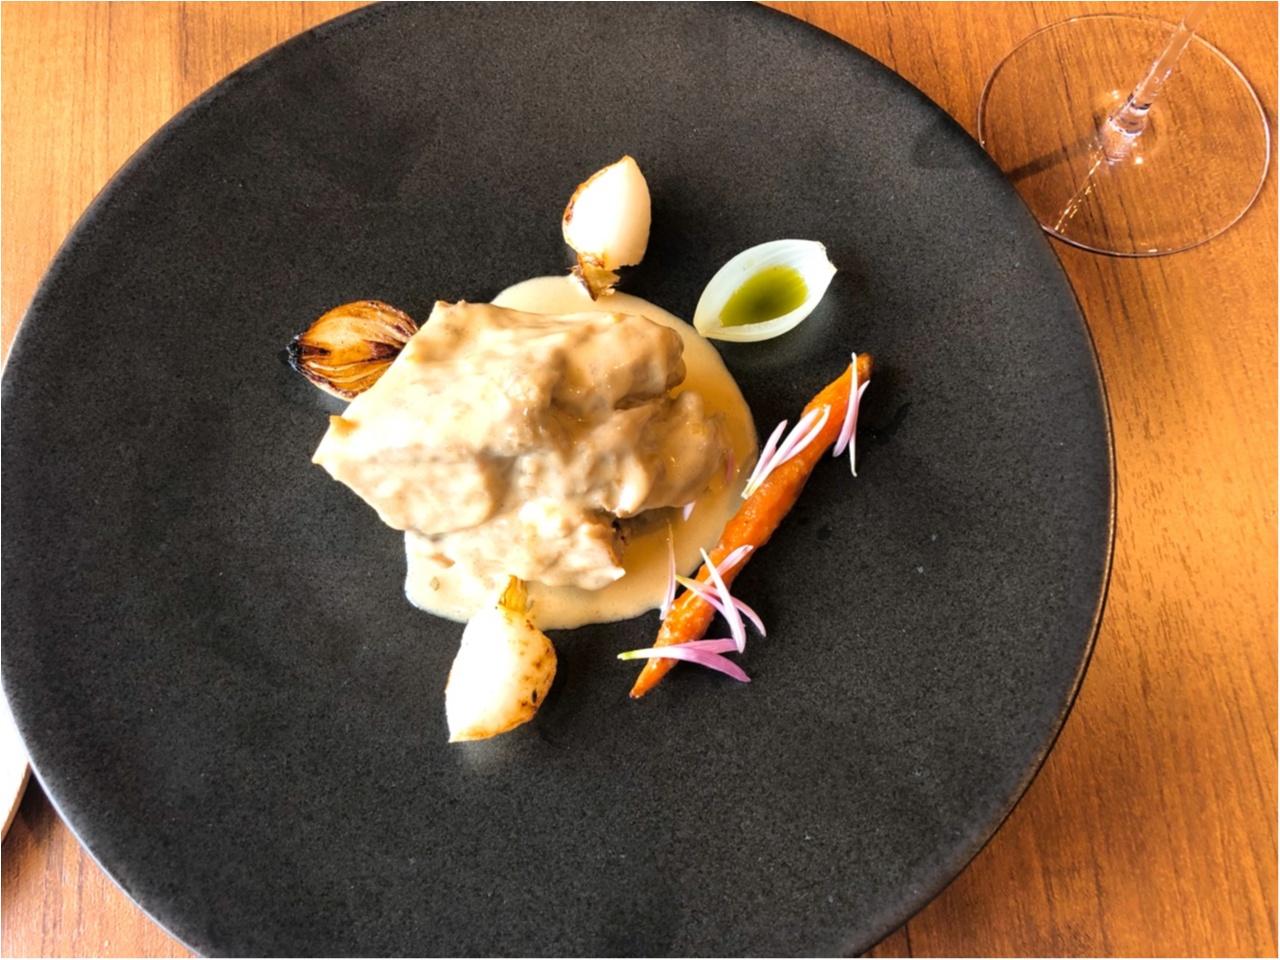 休日のちょっと贅沢ランチは恵比寿にあるお肉の名店『HUGO DESNOYER(ユーゴ・デノワイエ)』へ!!_6